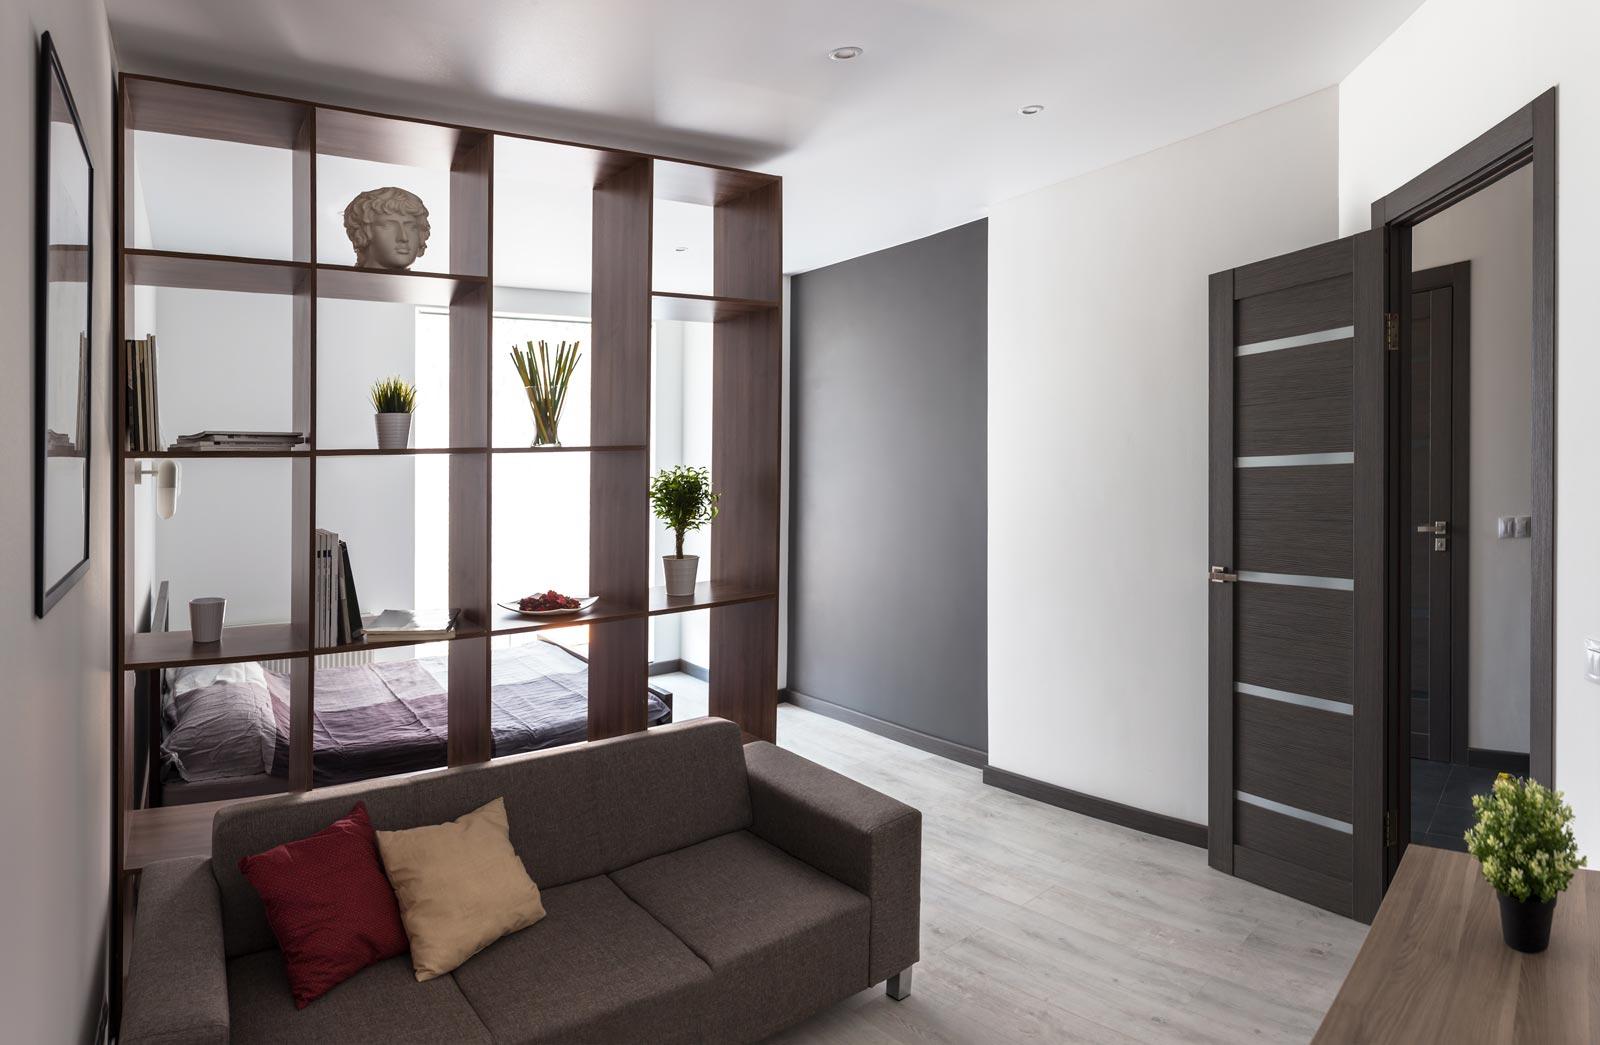 panneau s paration int rieur 37 nouveau image de panneau de s paration ext rieur. Black Bedroom Furniture Sets. Home Design Ideas